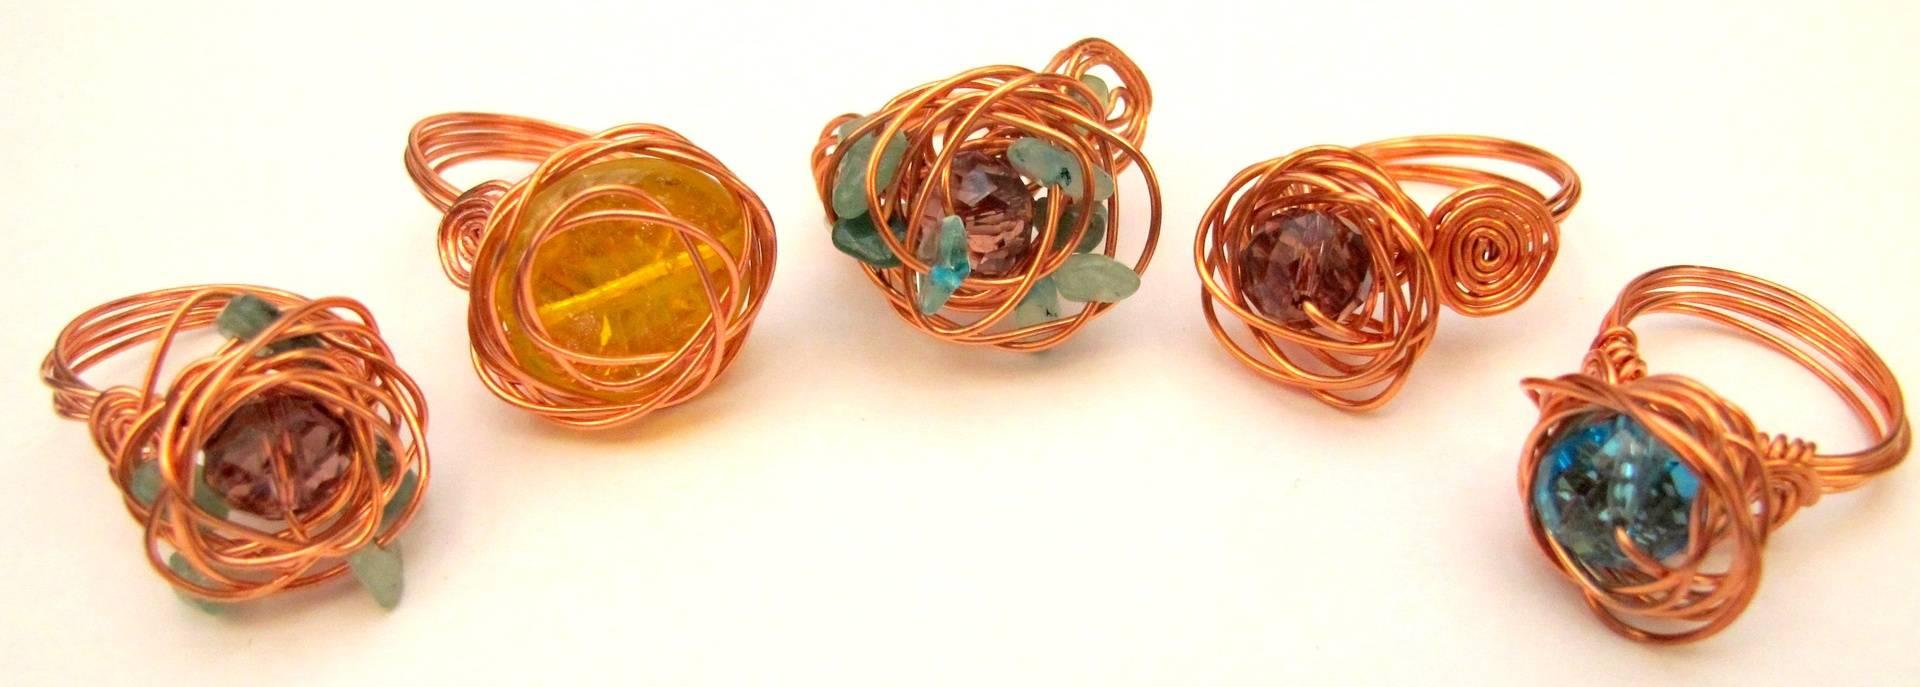 Rose & Nest Rings